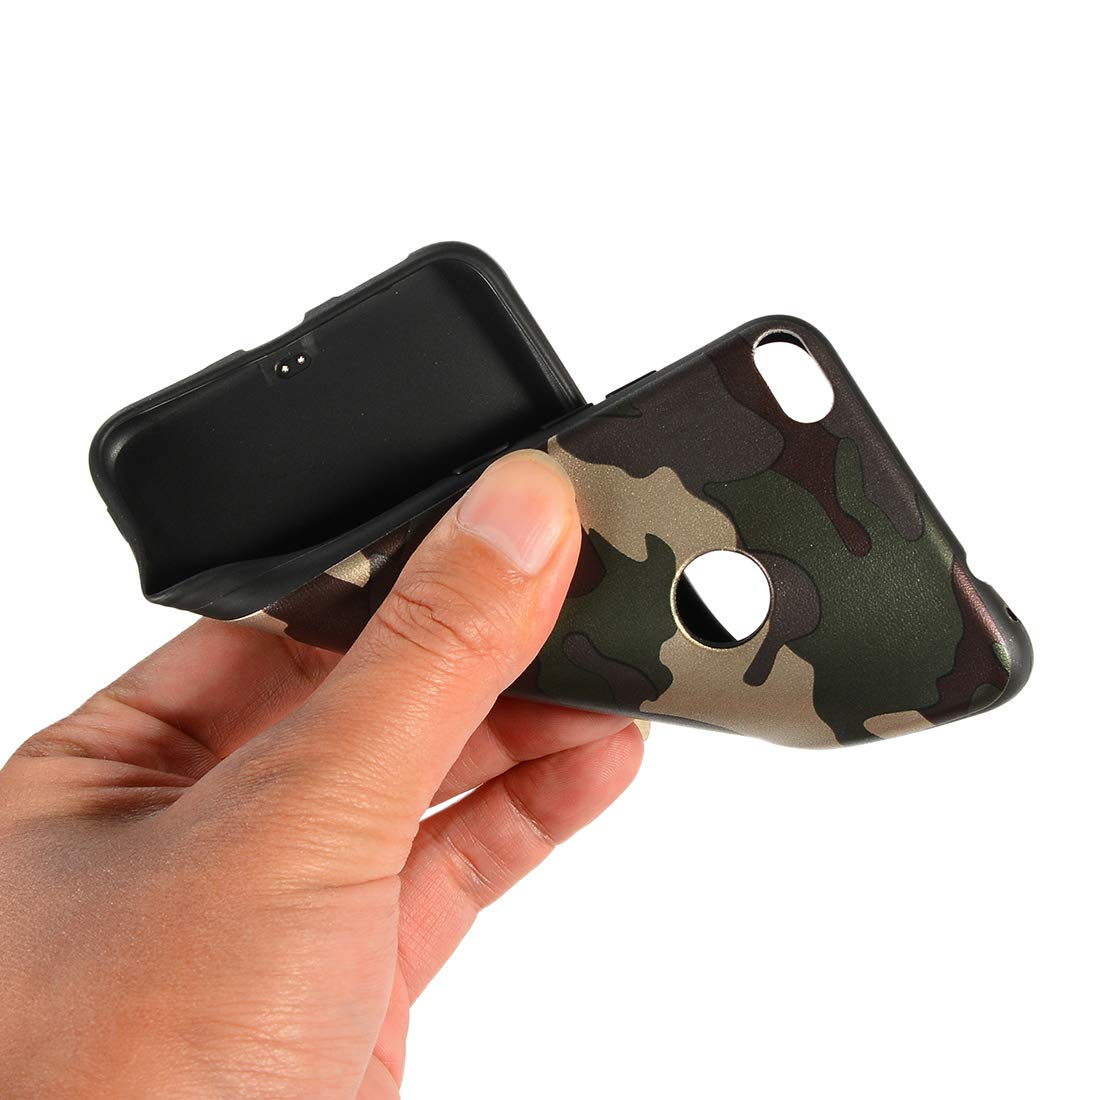 Flor 1 Everainy Funda Compatible para Huawei P8 Lite 2017//P9 Lite 2017 Silicona Carcasa TPU Suave Caso Goma Caucho Bumper Delgado para Huawei P8 Lite 2017 Ultrafina Parachoque Antigolpes Cover